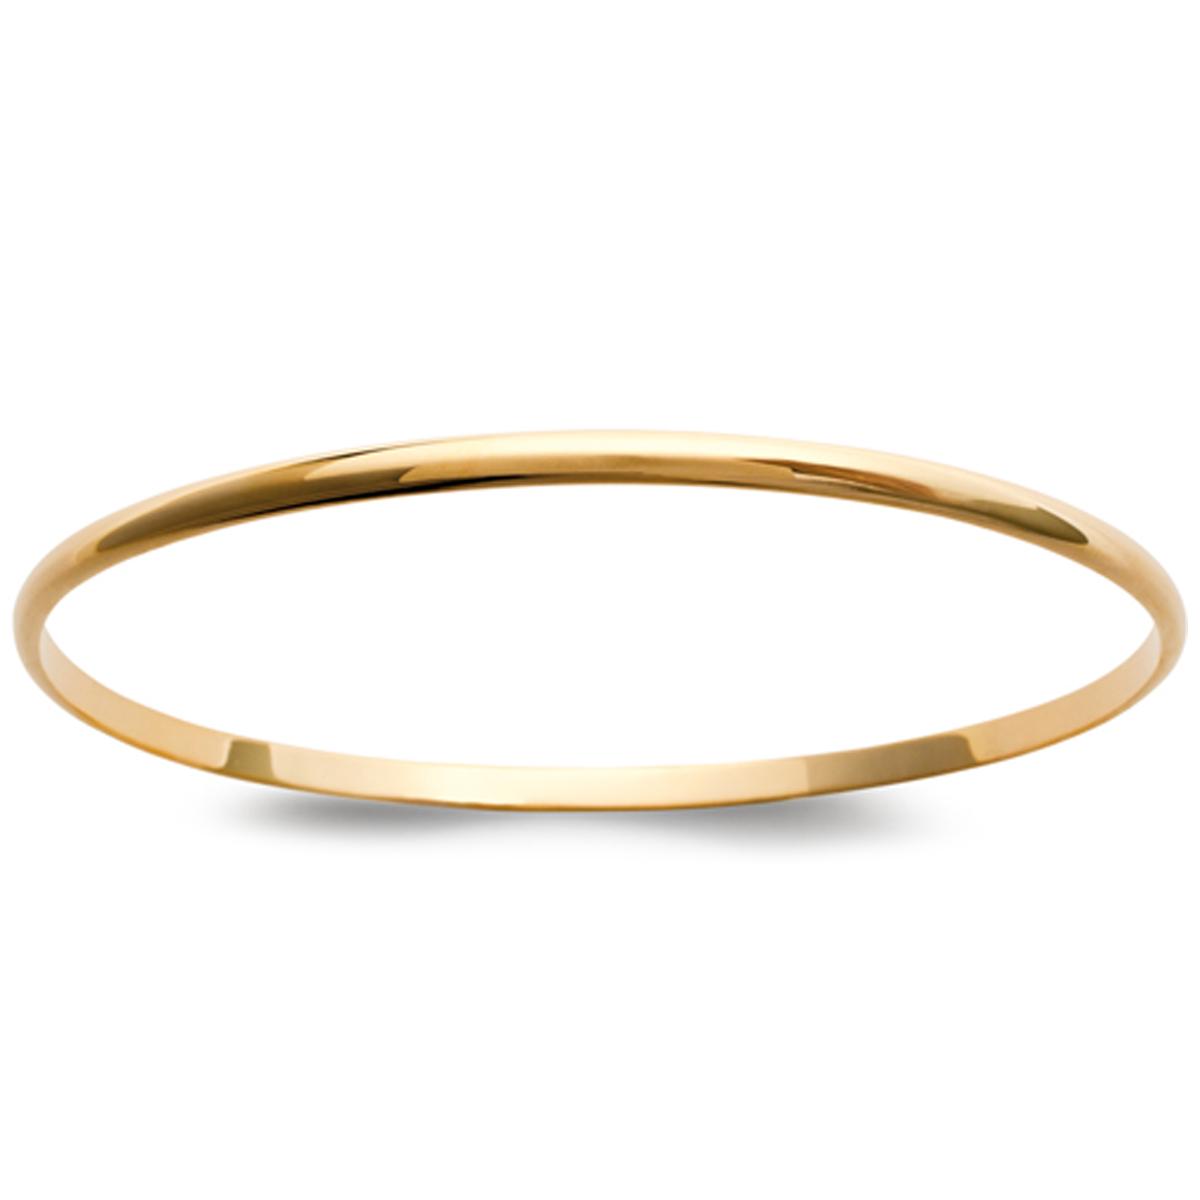 Bracelet Plaqué Or \'Demi-Jonc\' doré - 66 mm 3 mm - [C5730]